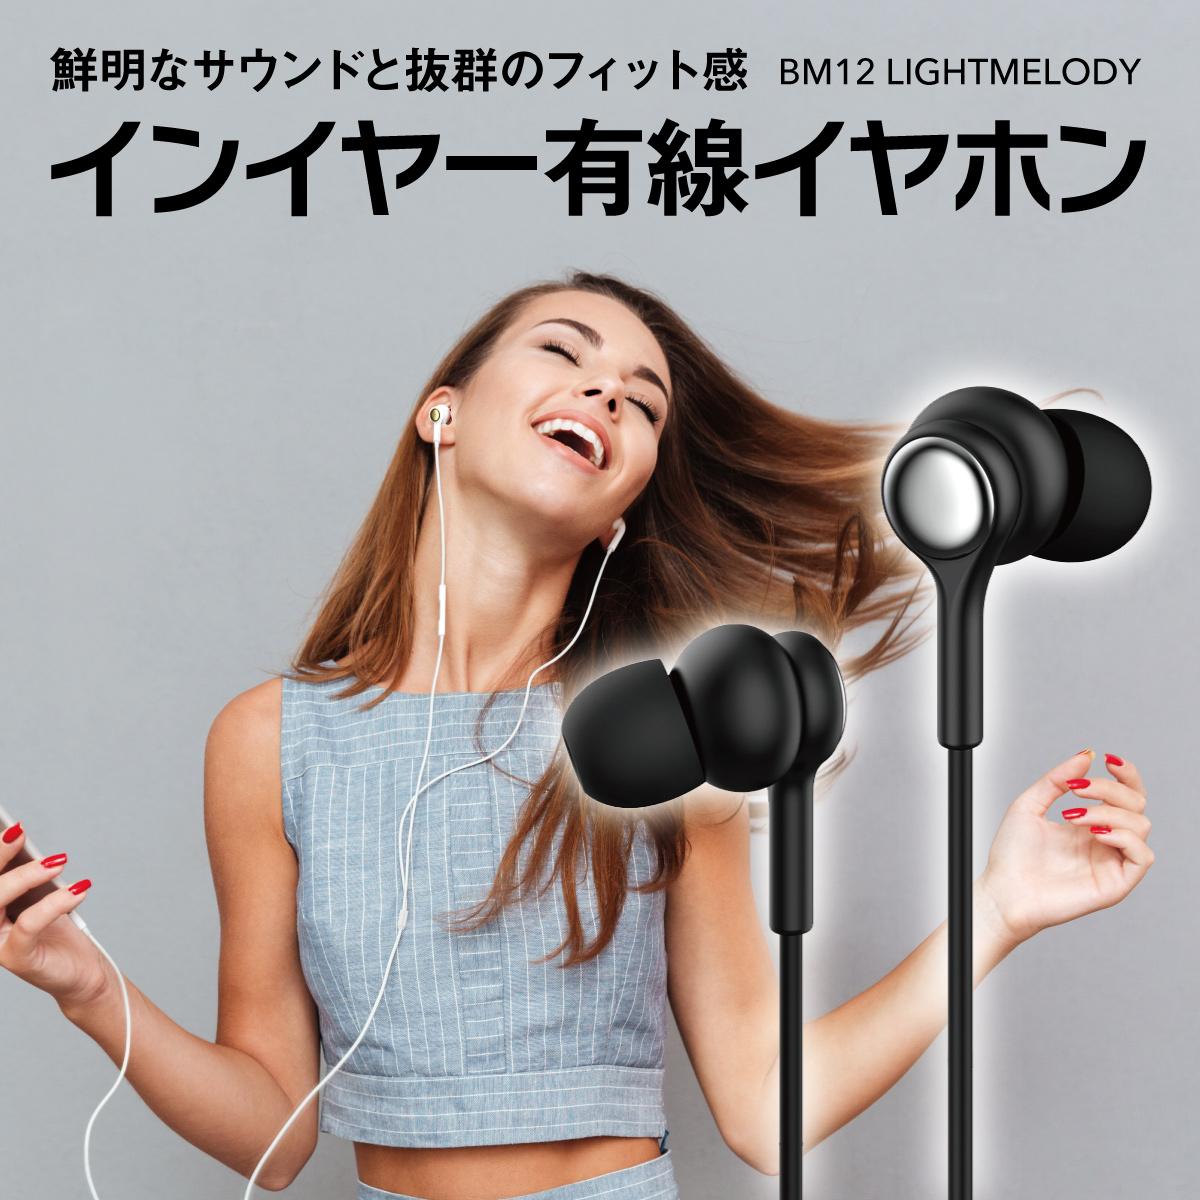 鮮明なサウンドと抜群のフィット感 通信販売 イヤホン ヘッドセット iphone 両耳 スポーツイヤホン BOROFONE ☆正規品新品未使用品 ボロフォン borofone-bm12 送料無料 ランニング